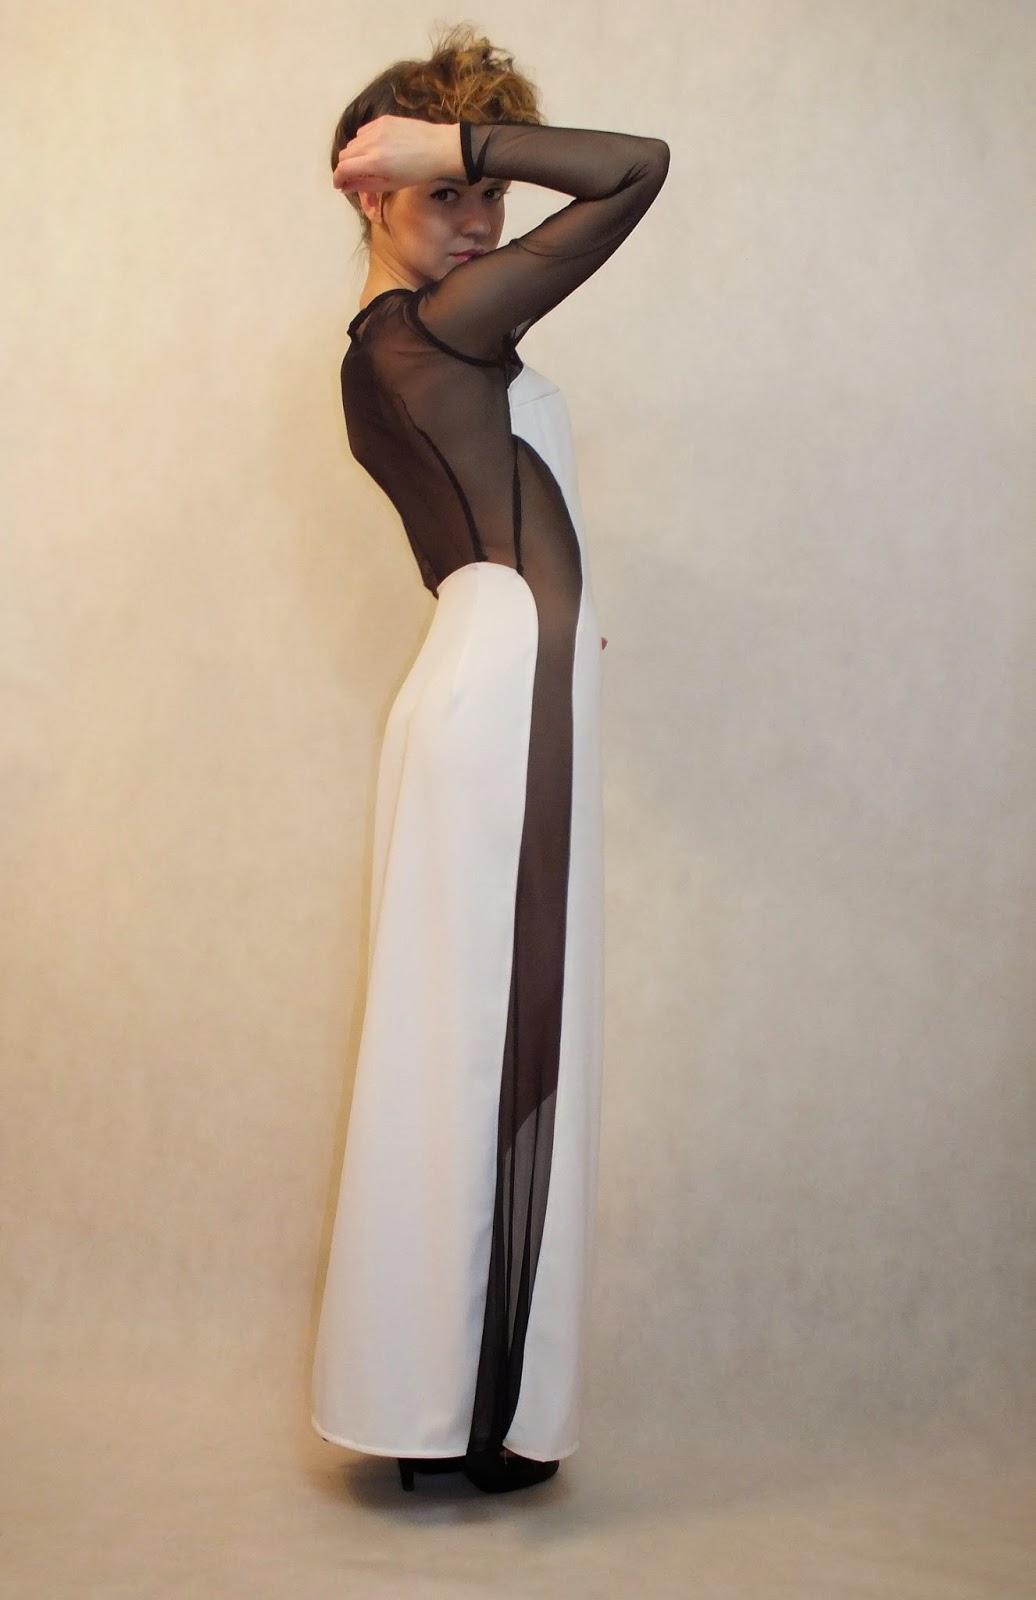 suknia, sukienka maxi, biało-czarna sukienka, prześwitująca sukienka, MARACHIC, młodzi projektanci, elegancka suknia, odzież dla charakternych, nowa marka odzieżowa